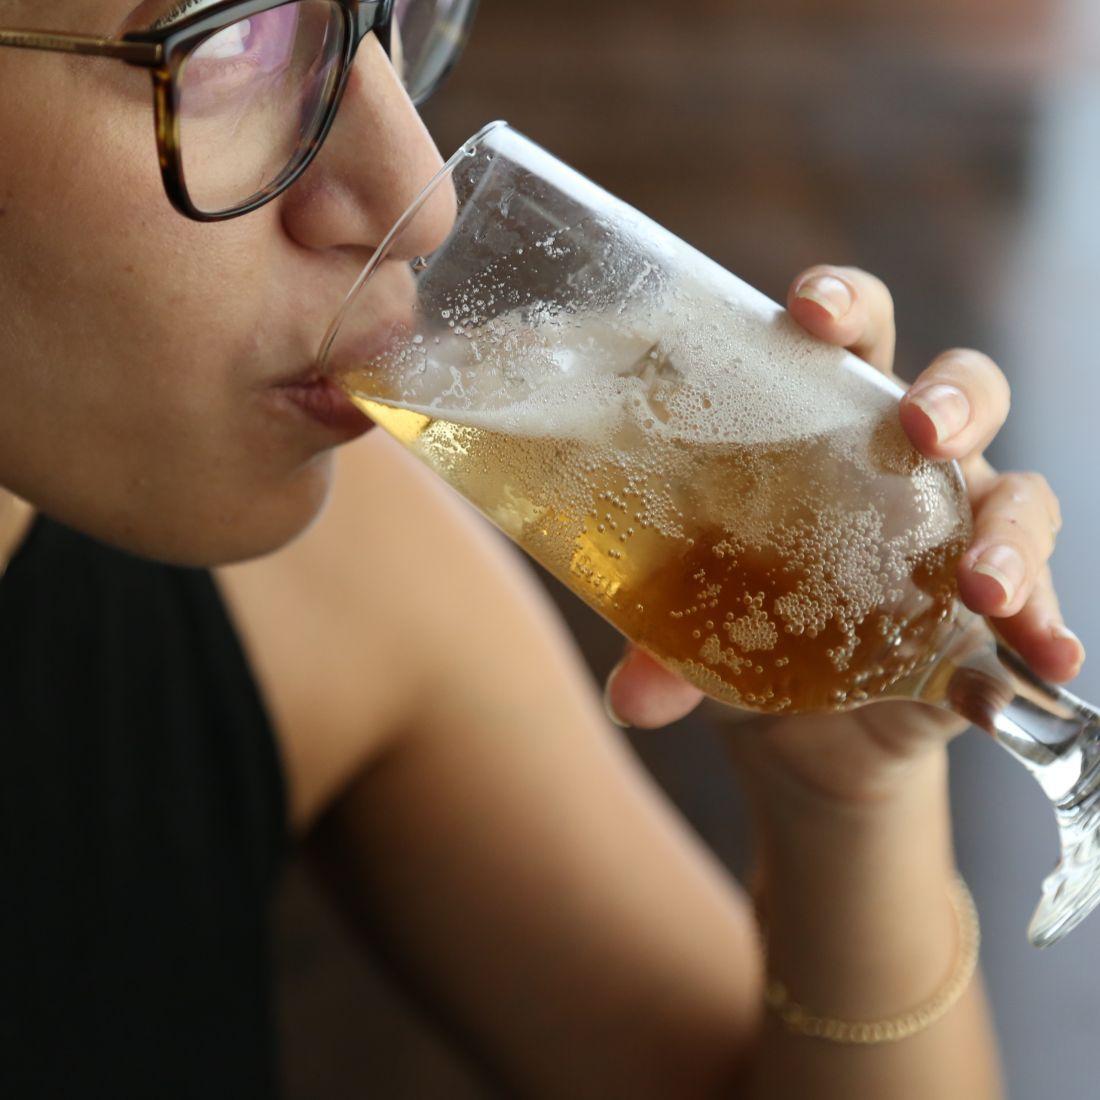 ולסיום, נגביה את הכוסות – כי לא משנה איזו בירה אוהבים, העיקר הוא ללגום ממנה בחברת הפרטנרים-לשתייה הכי טובים.